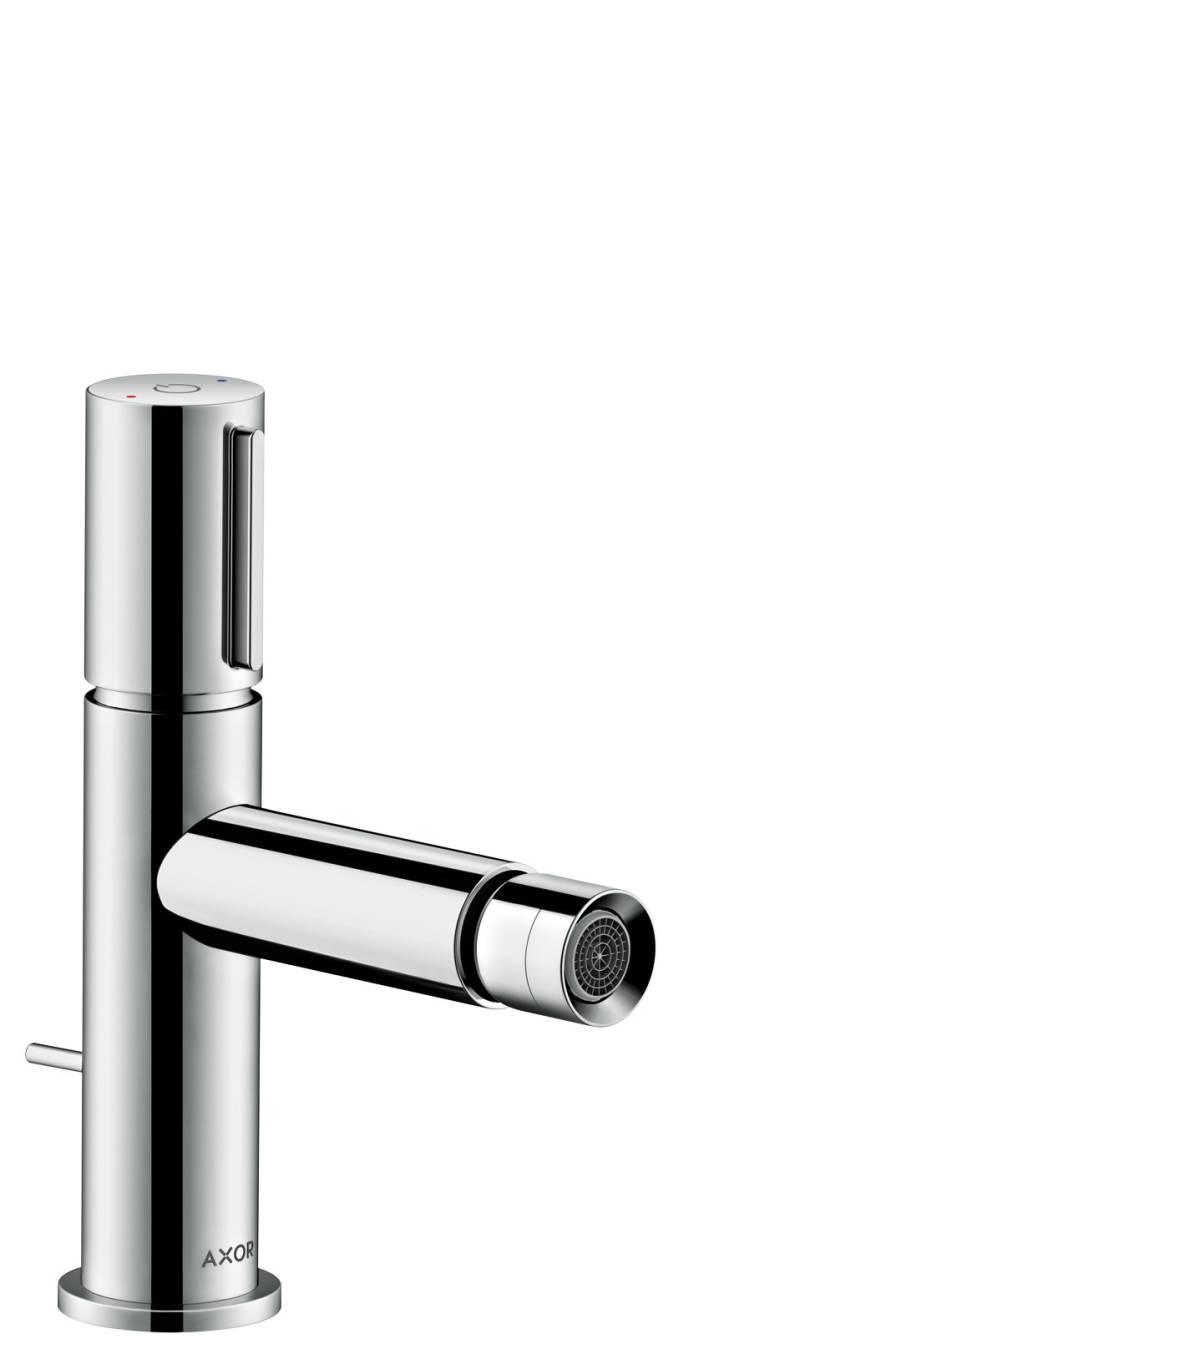 Bidetmischer Select mit Zugstangen-Ablaufgarnitur, Chrom, 45210000